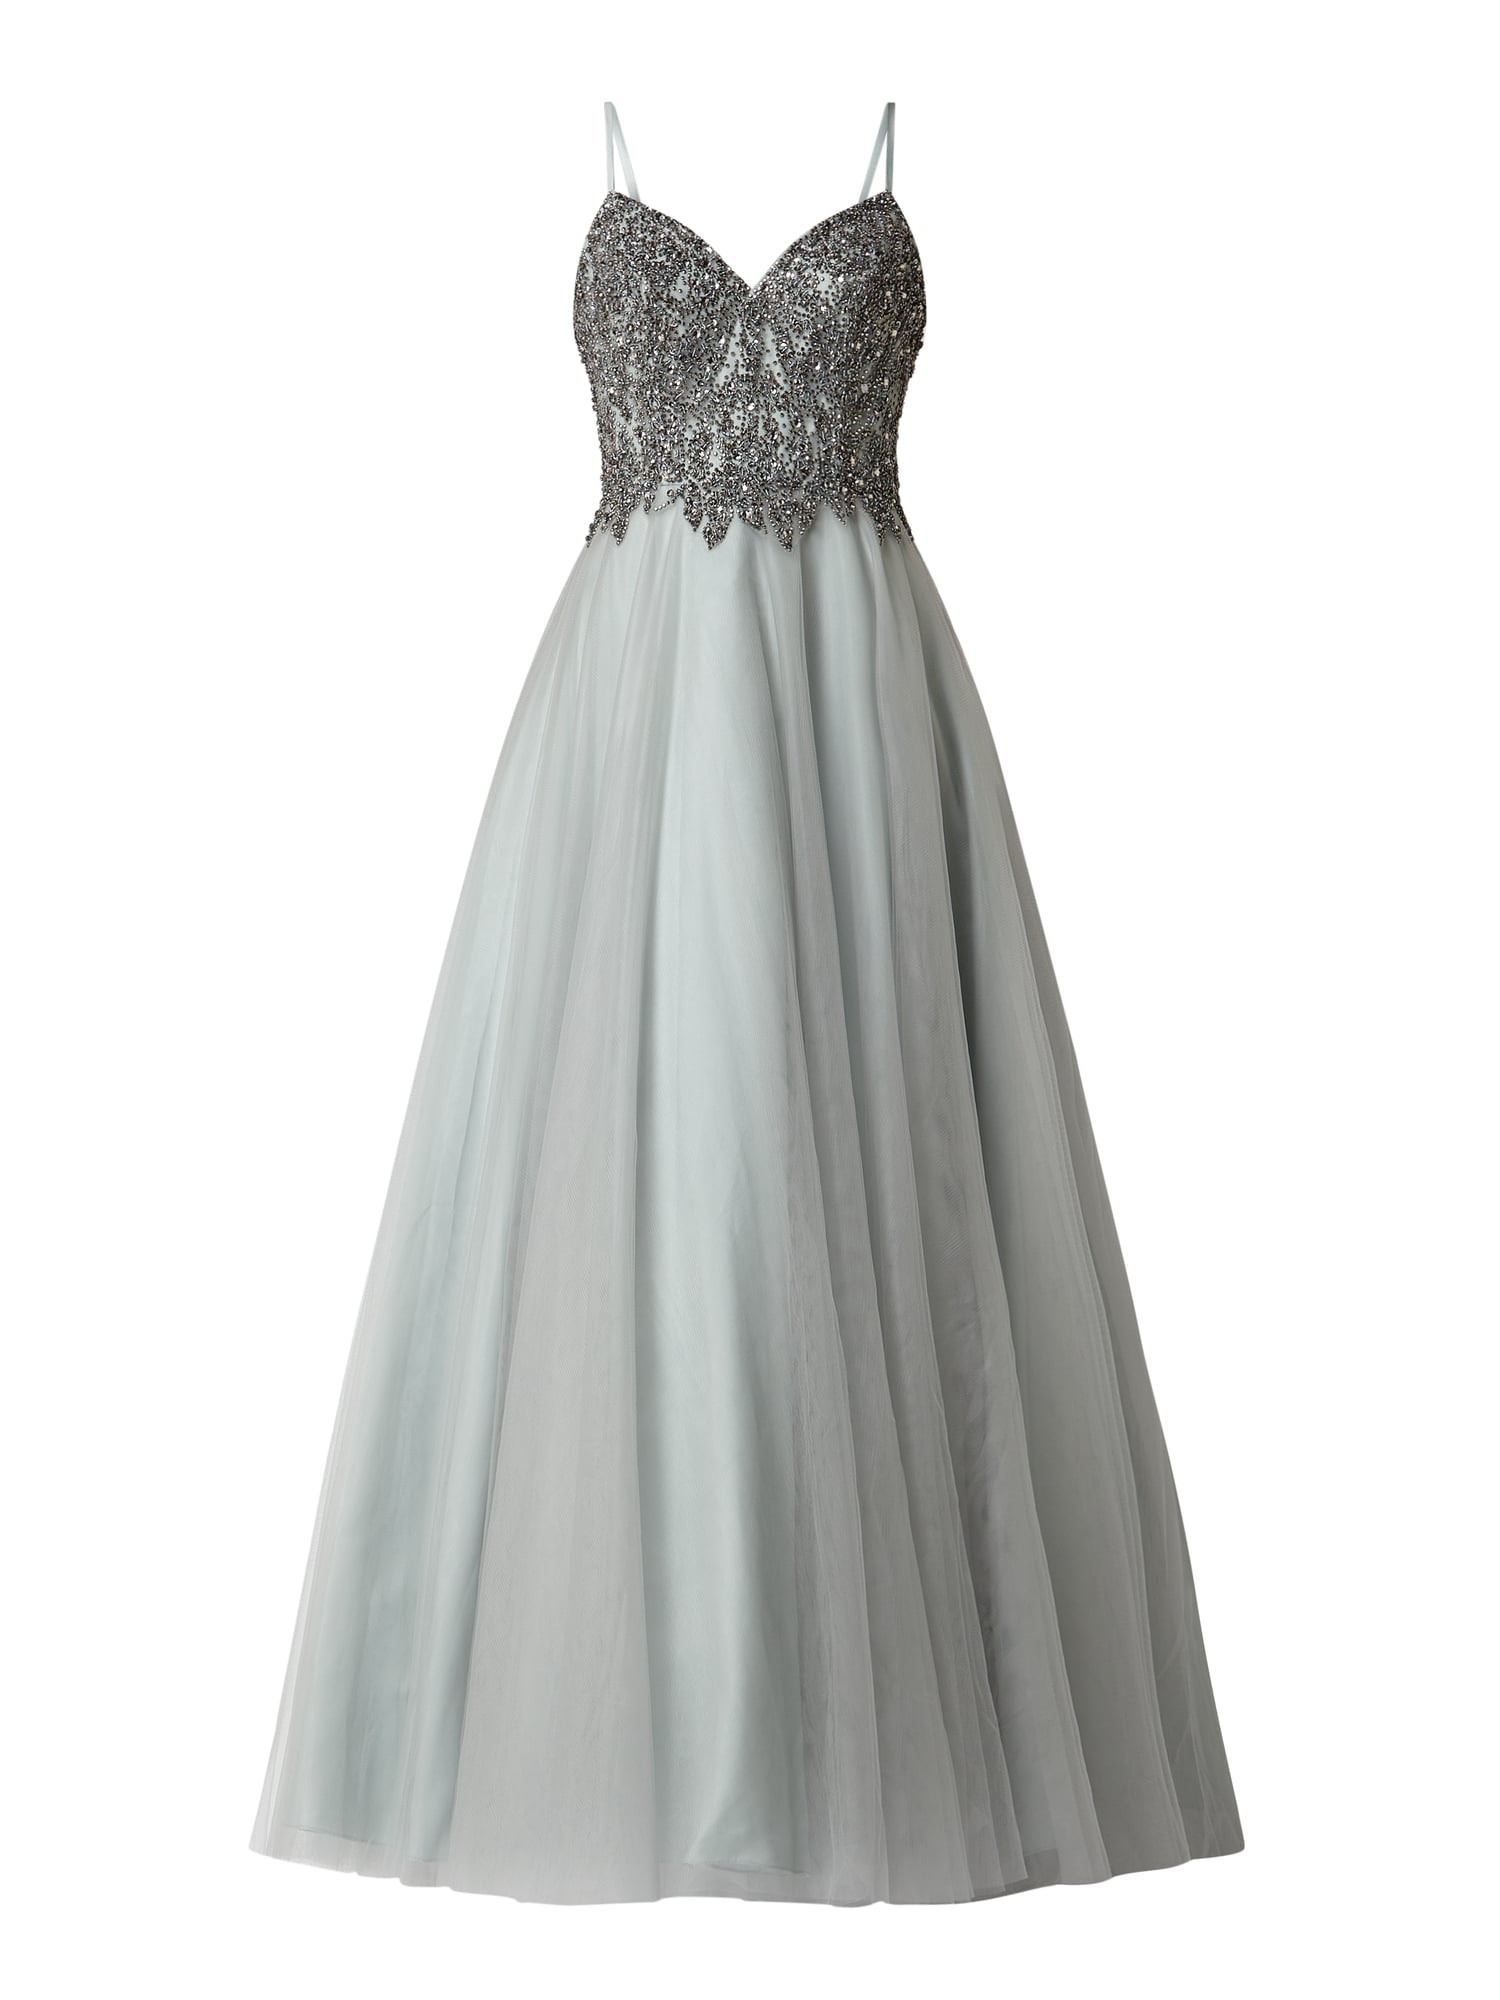 10 Top P&C Abend Kleid BoutiqueAbend Erstaunlich P&C Abend Kleid Vertrieb